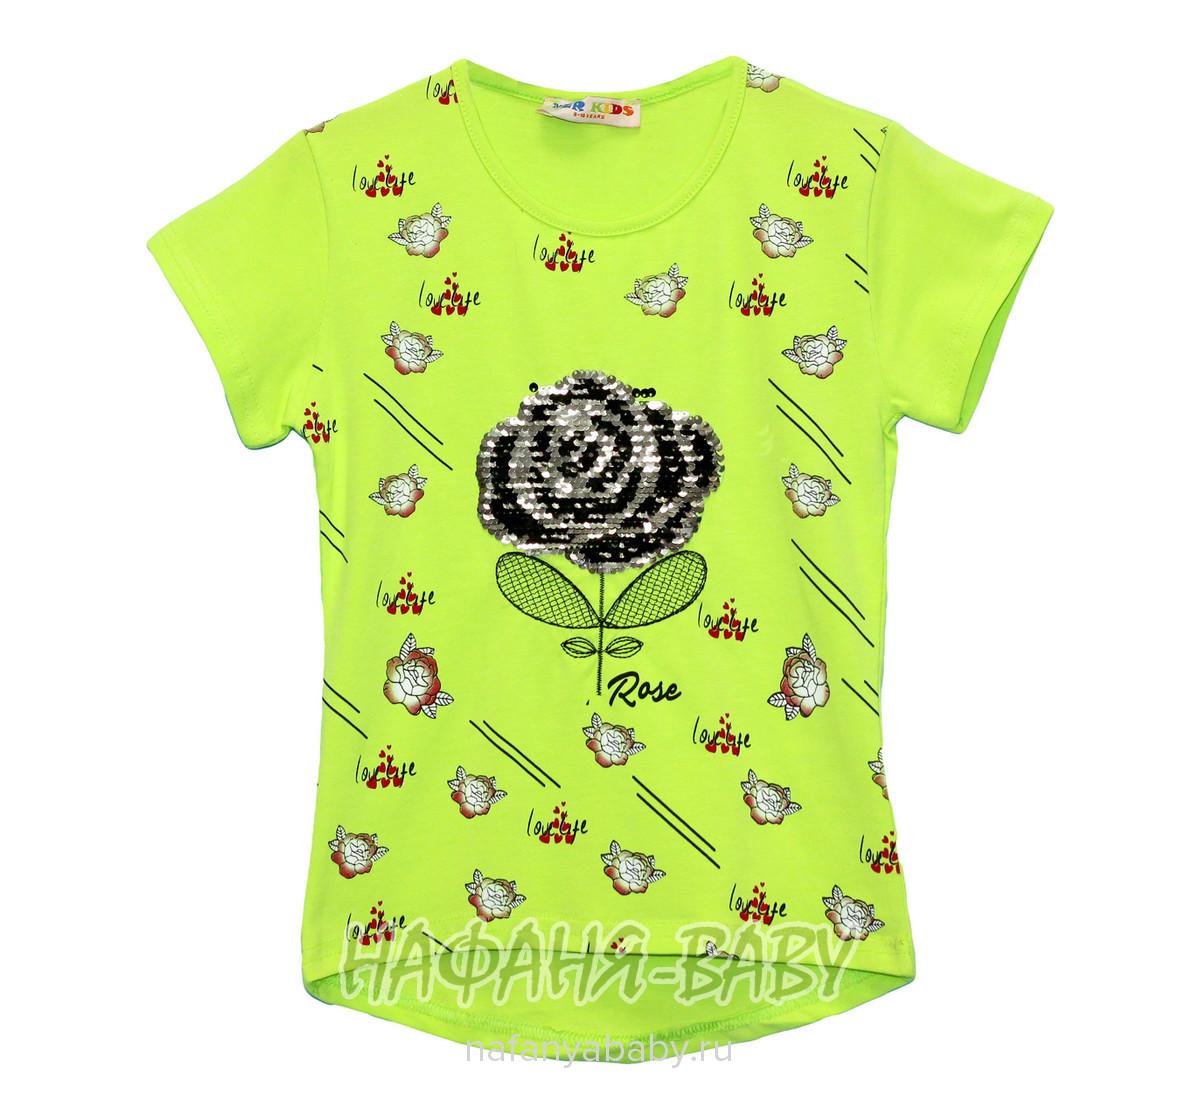 Детская футболка YZR арт: 2202, 10-15 лет, 5-9 лет, оптом Турция